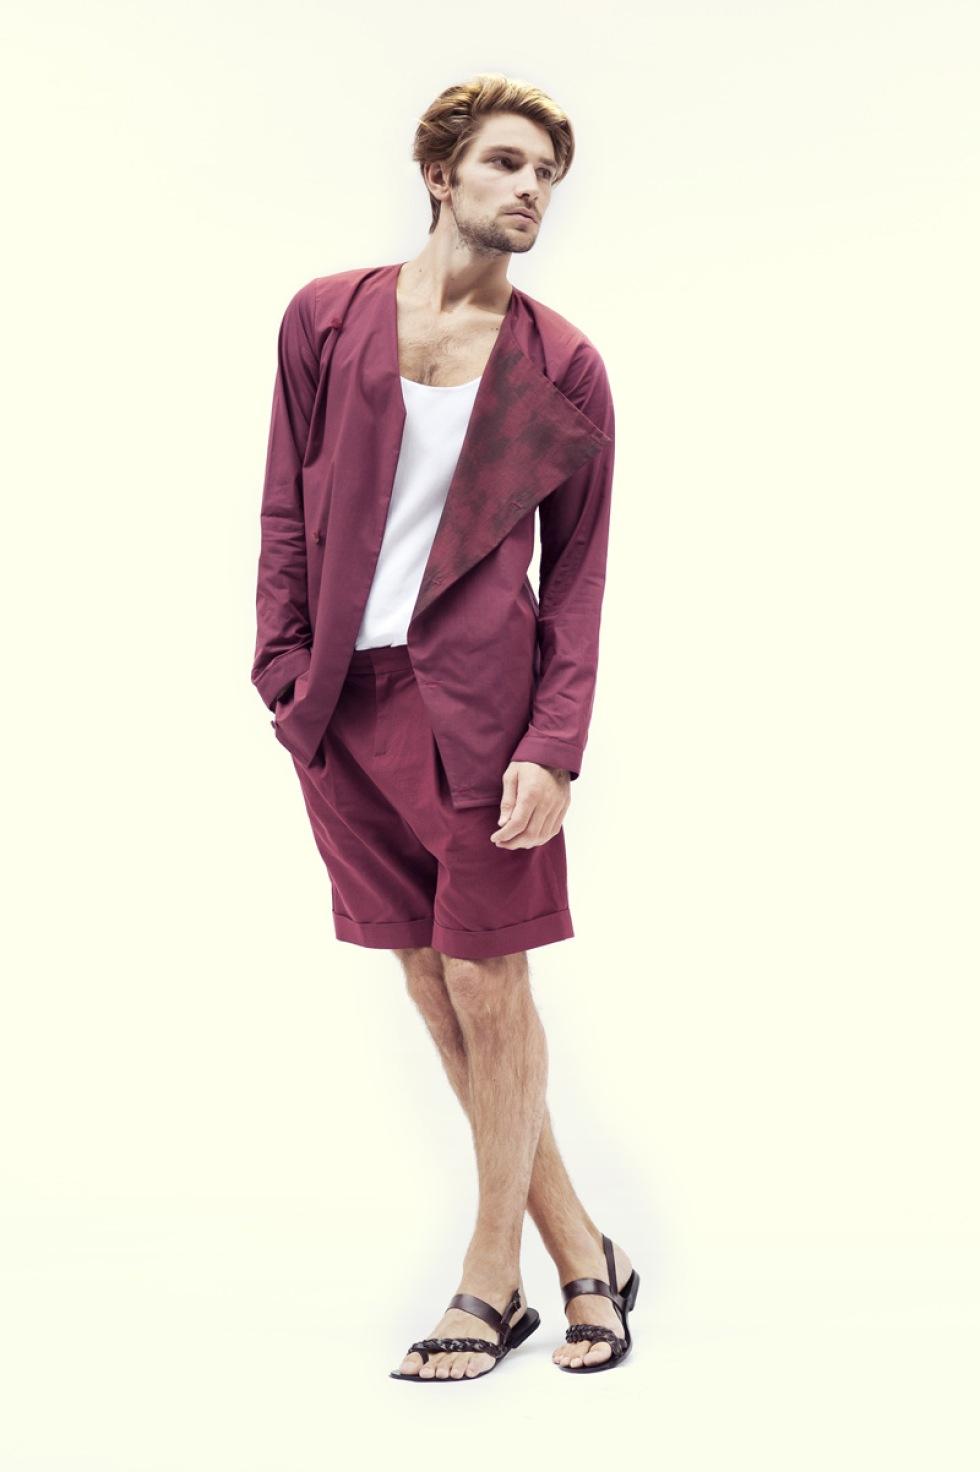 155545 980 - Lagom 2011 Erkek Giyim Kolleksiyonu